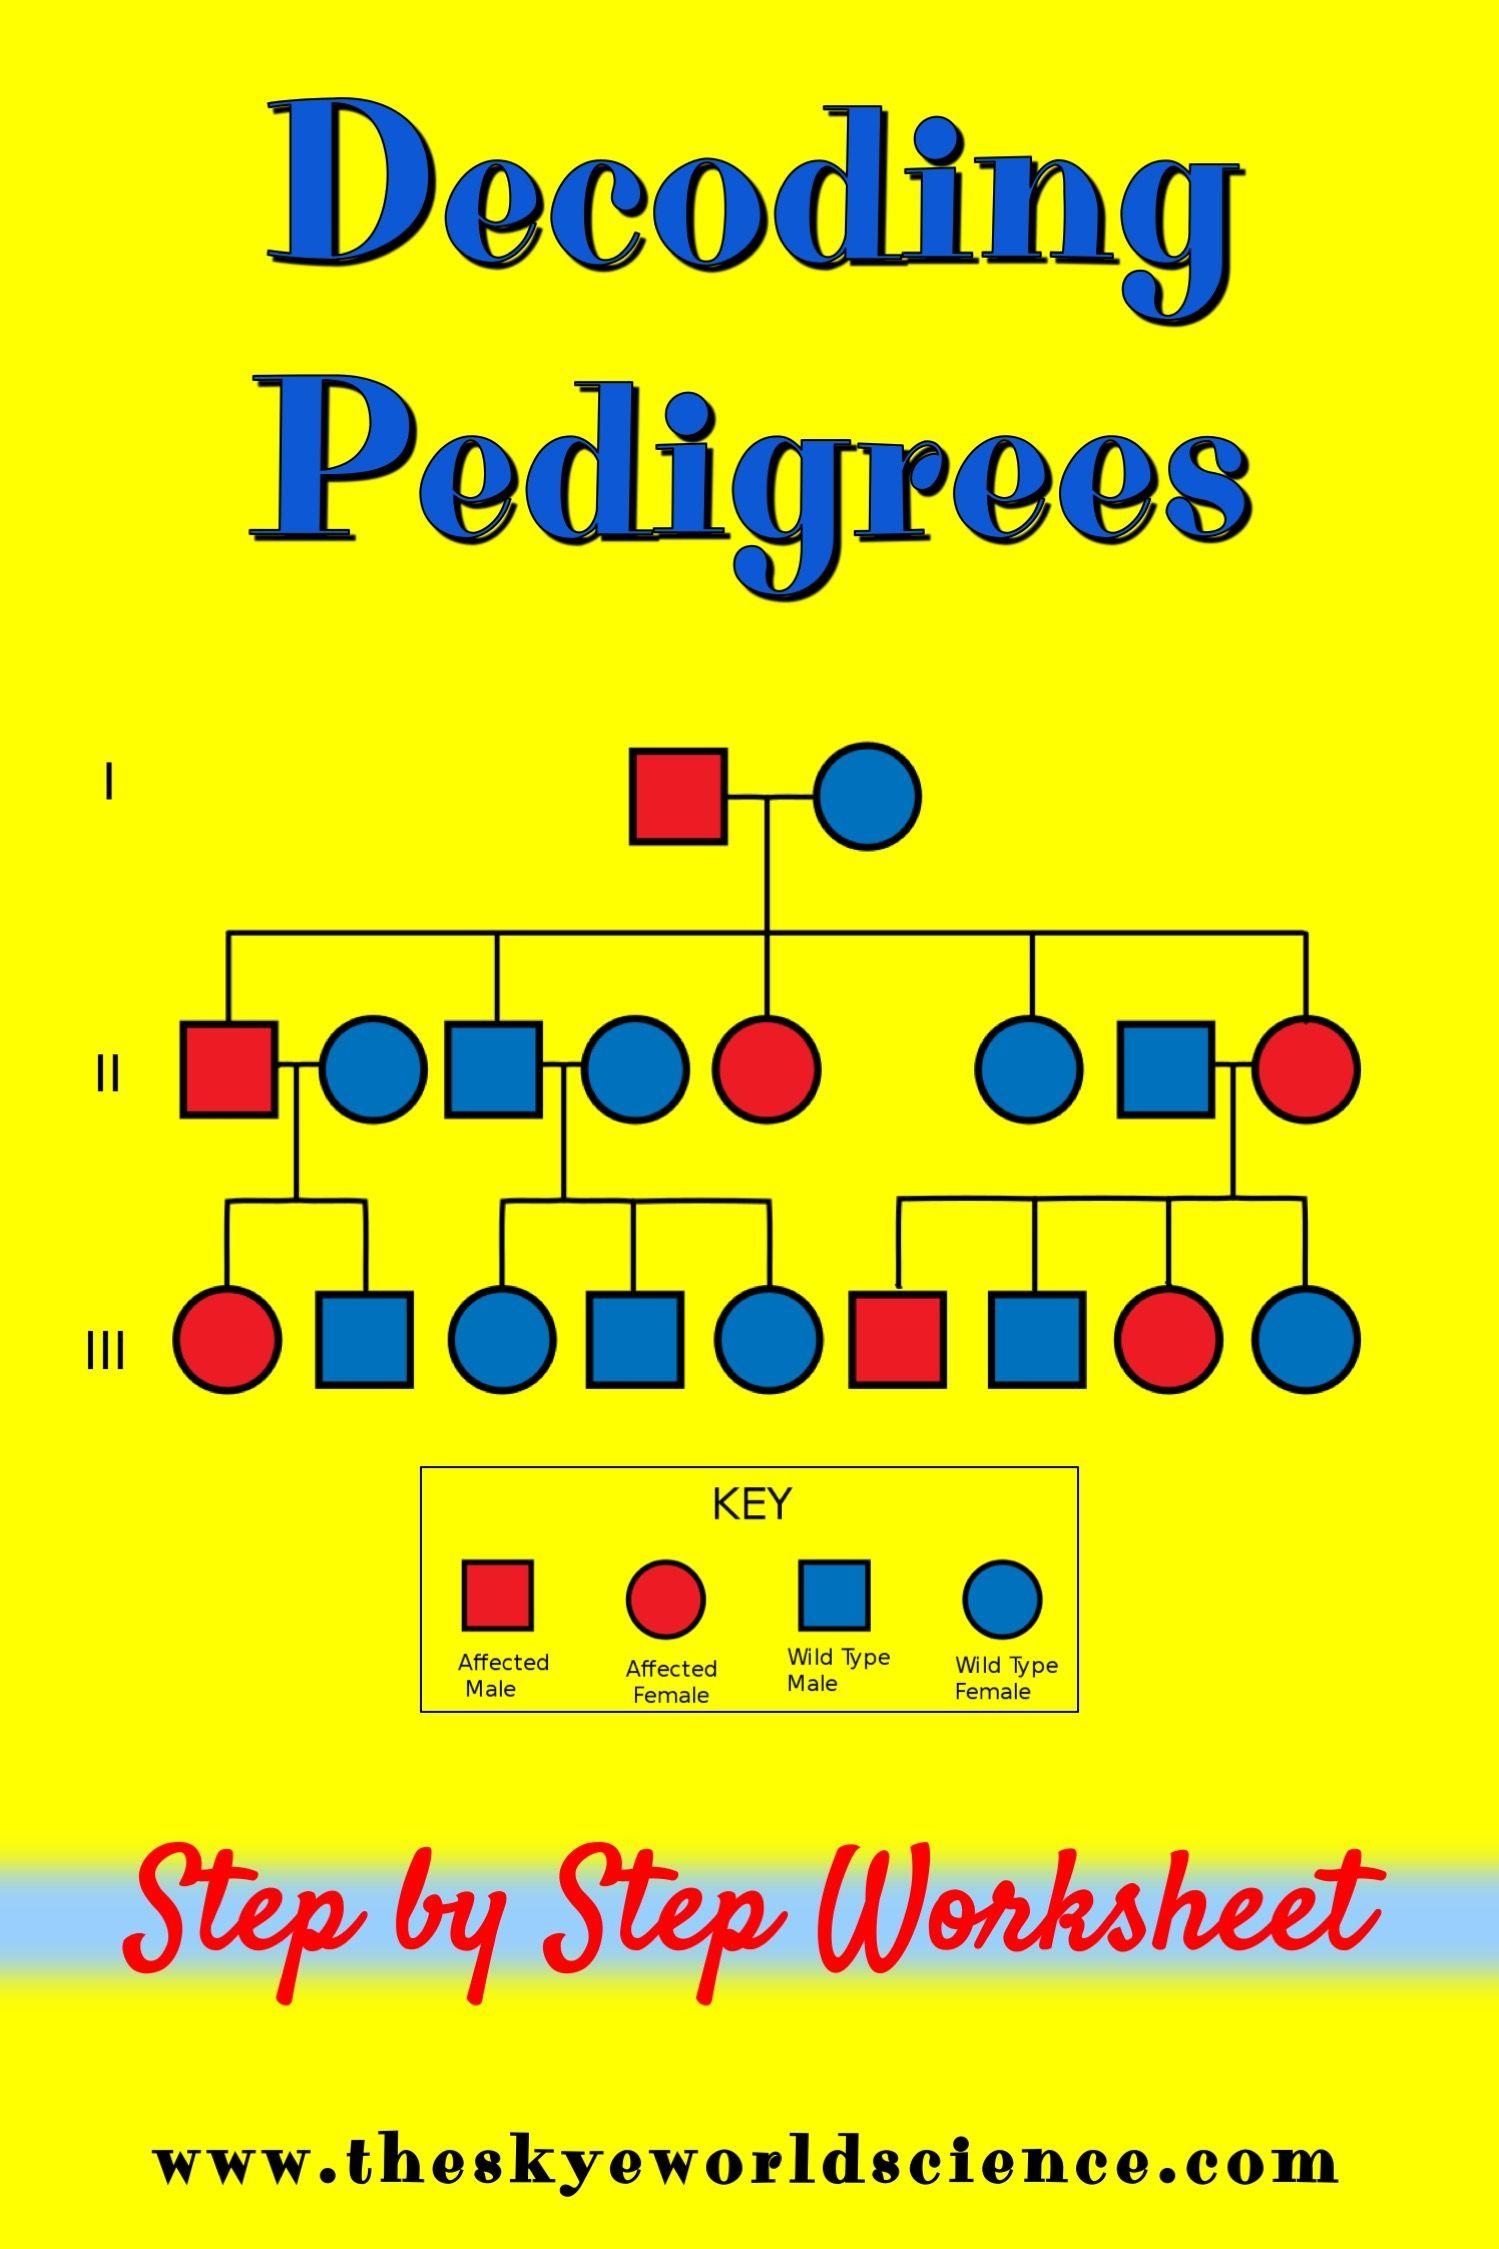 Decoding Pedigrees Worksheet